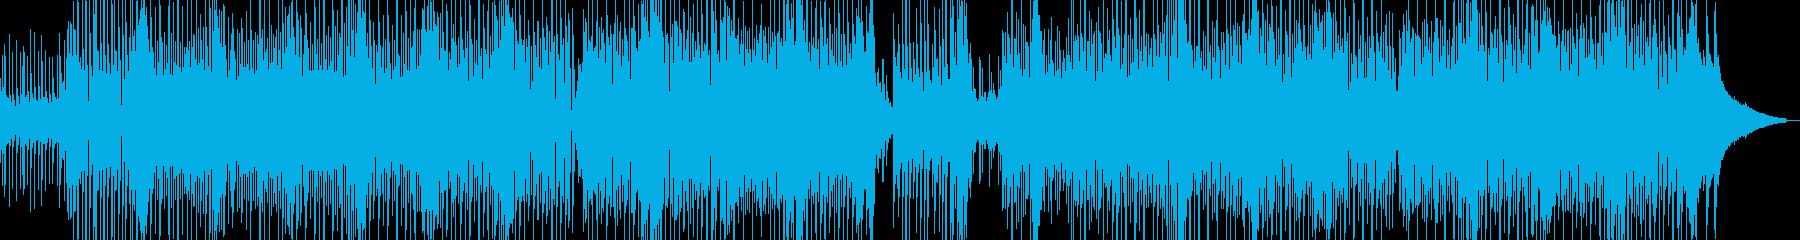 アワ風呂のようなフワモコテクノ Bの再生済みの波形